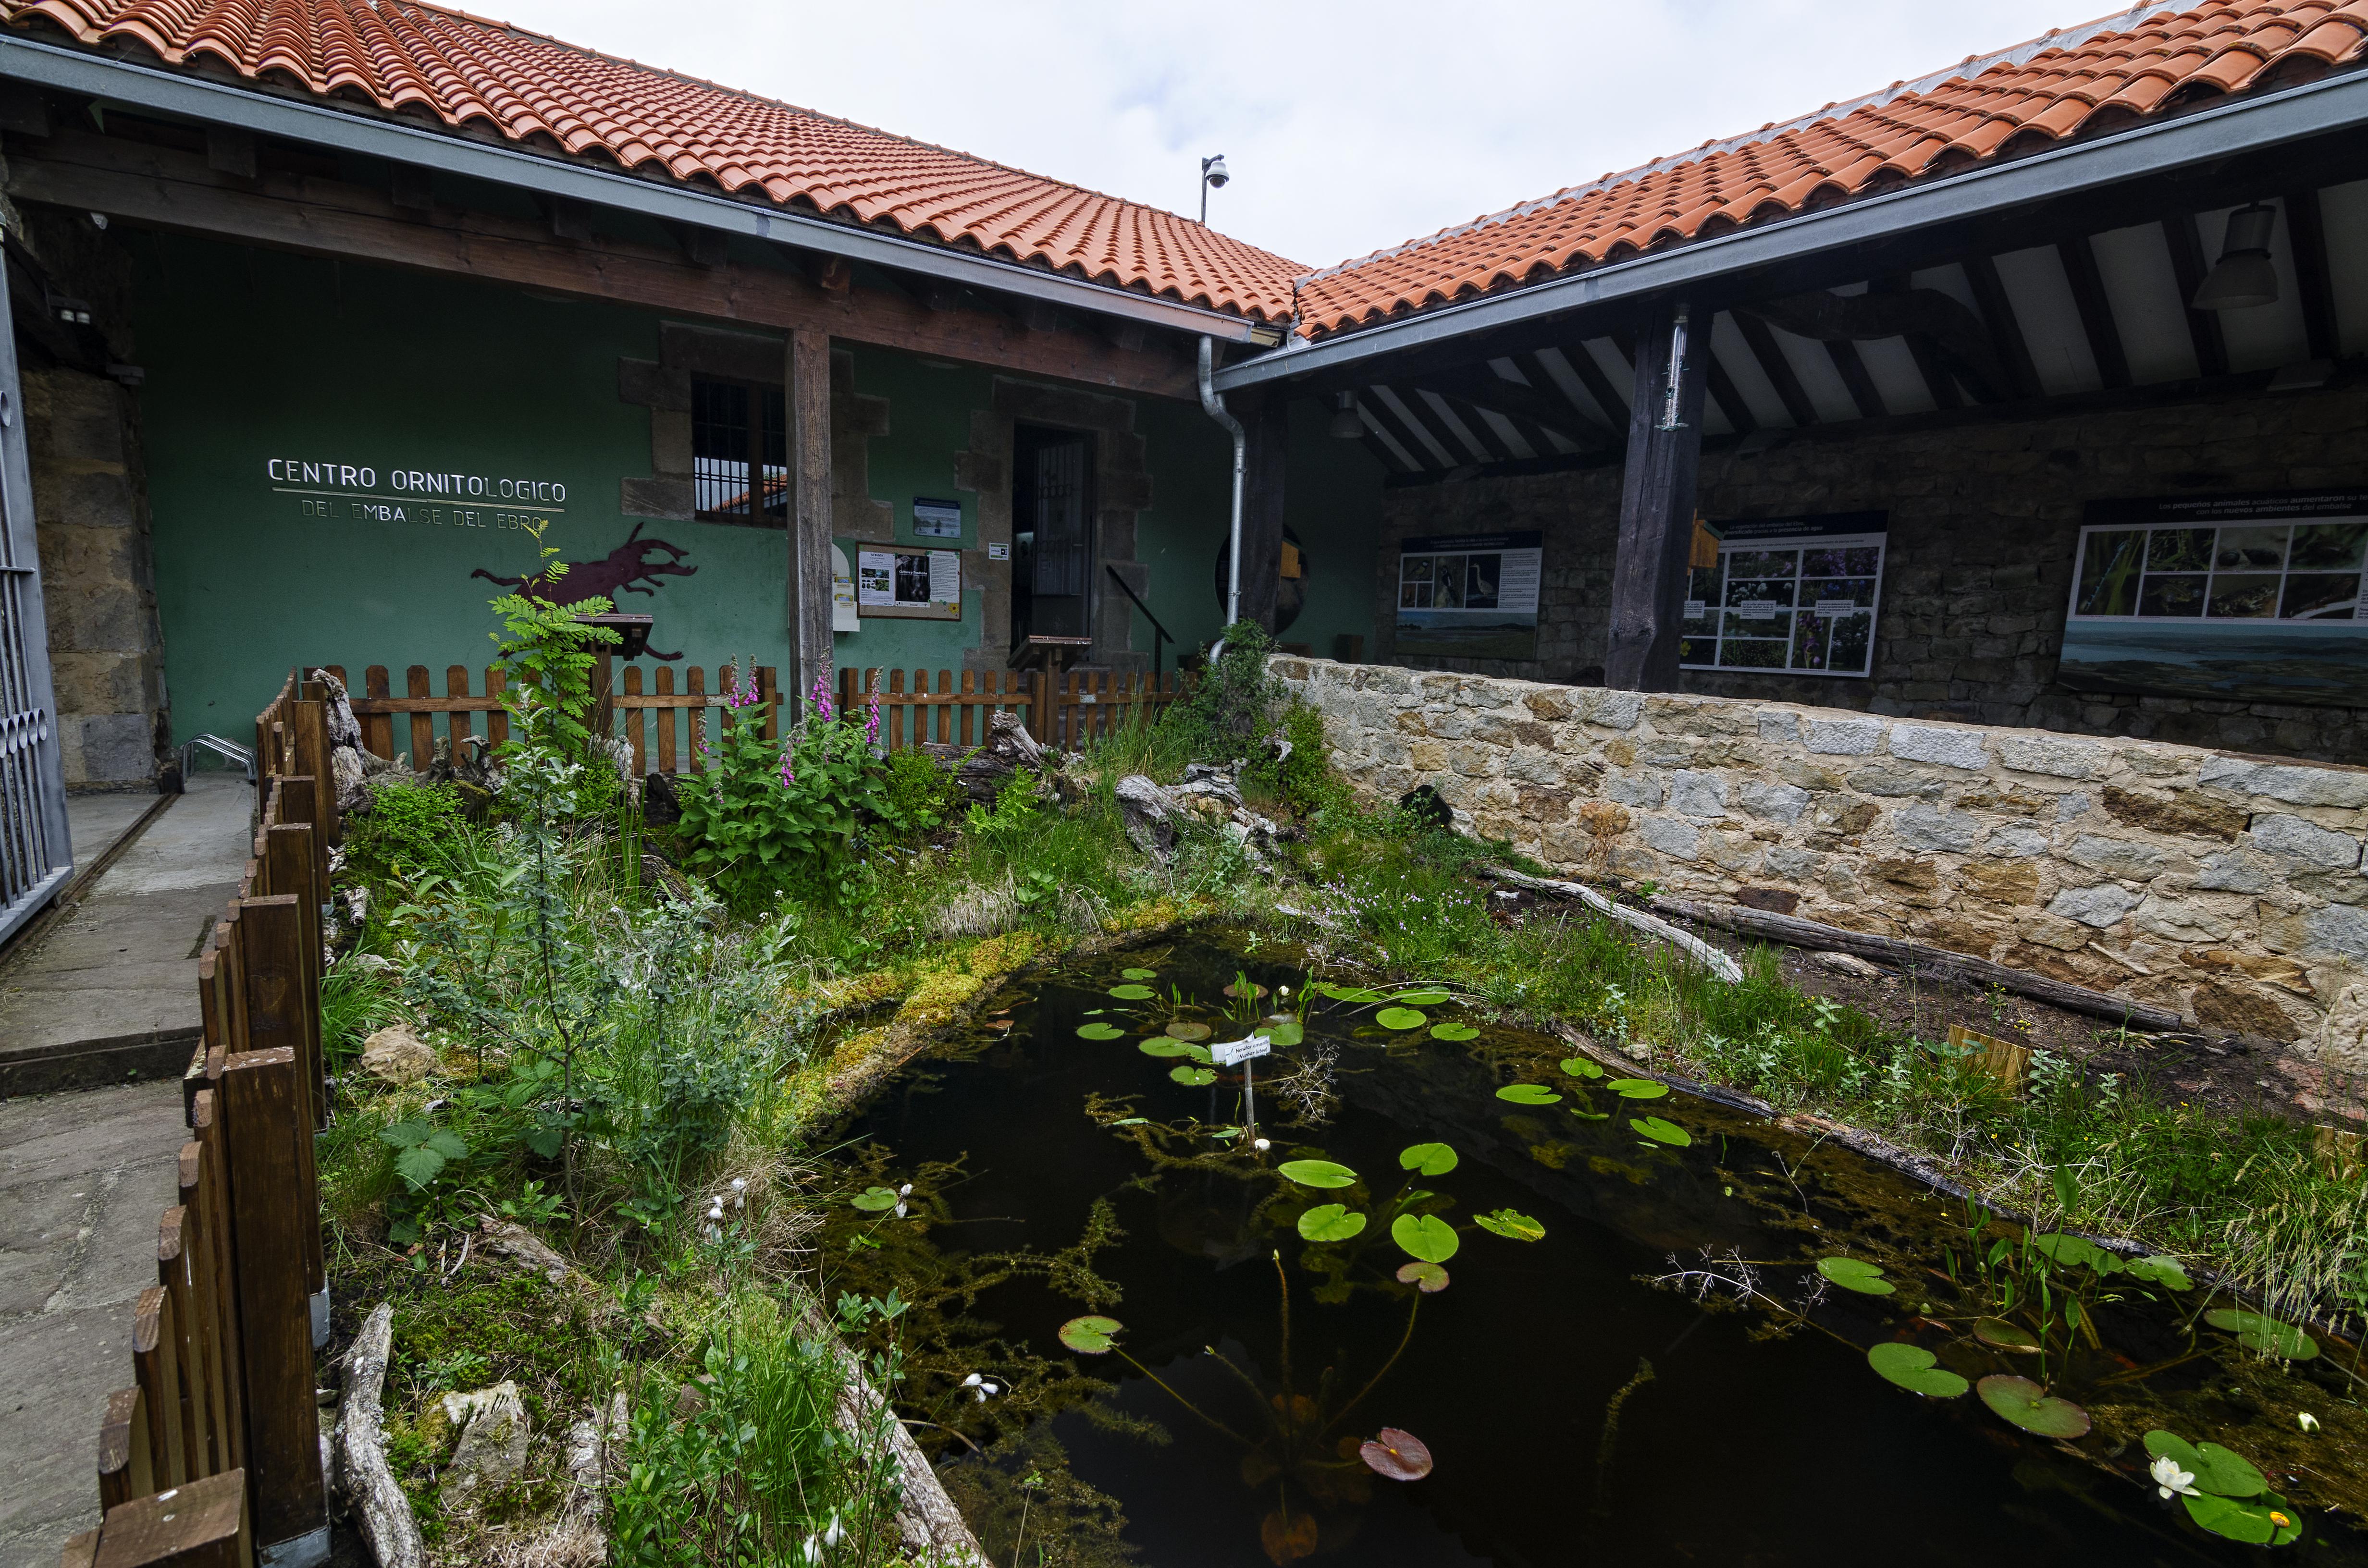 Centro Ornitológico Embalse del Ebro